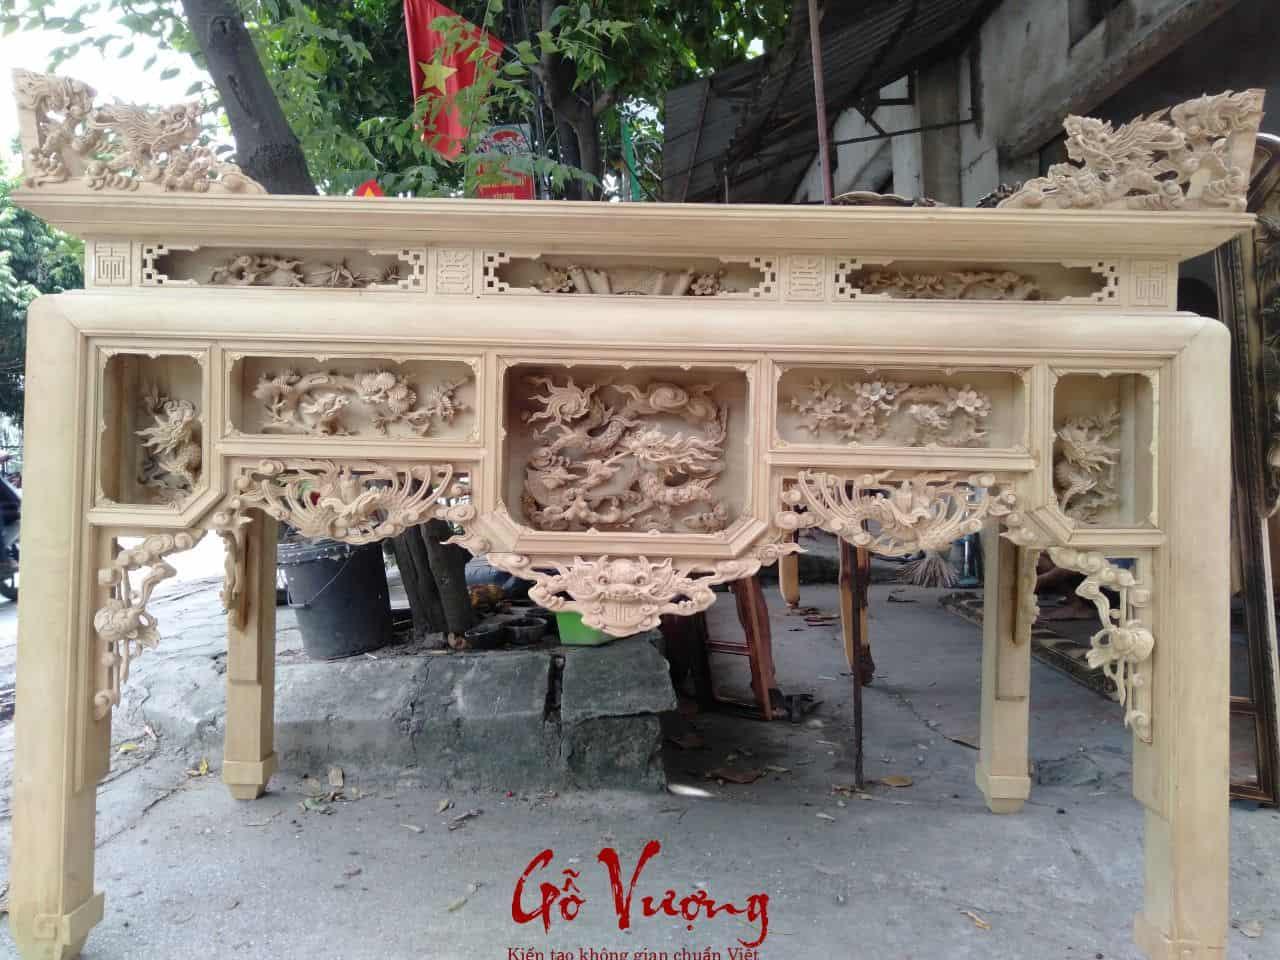 bàn thờ ô sa gỗ dổi hàng kênh bong sắc nét